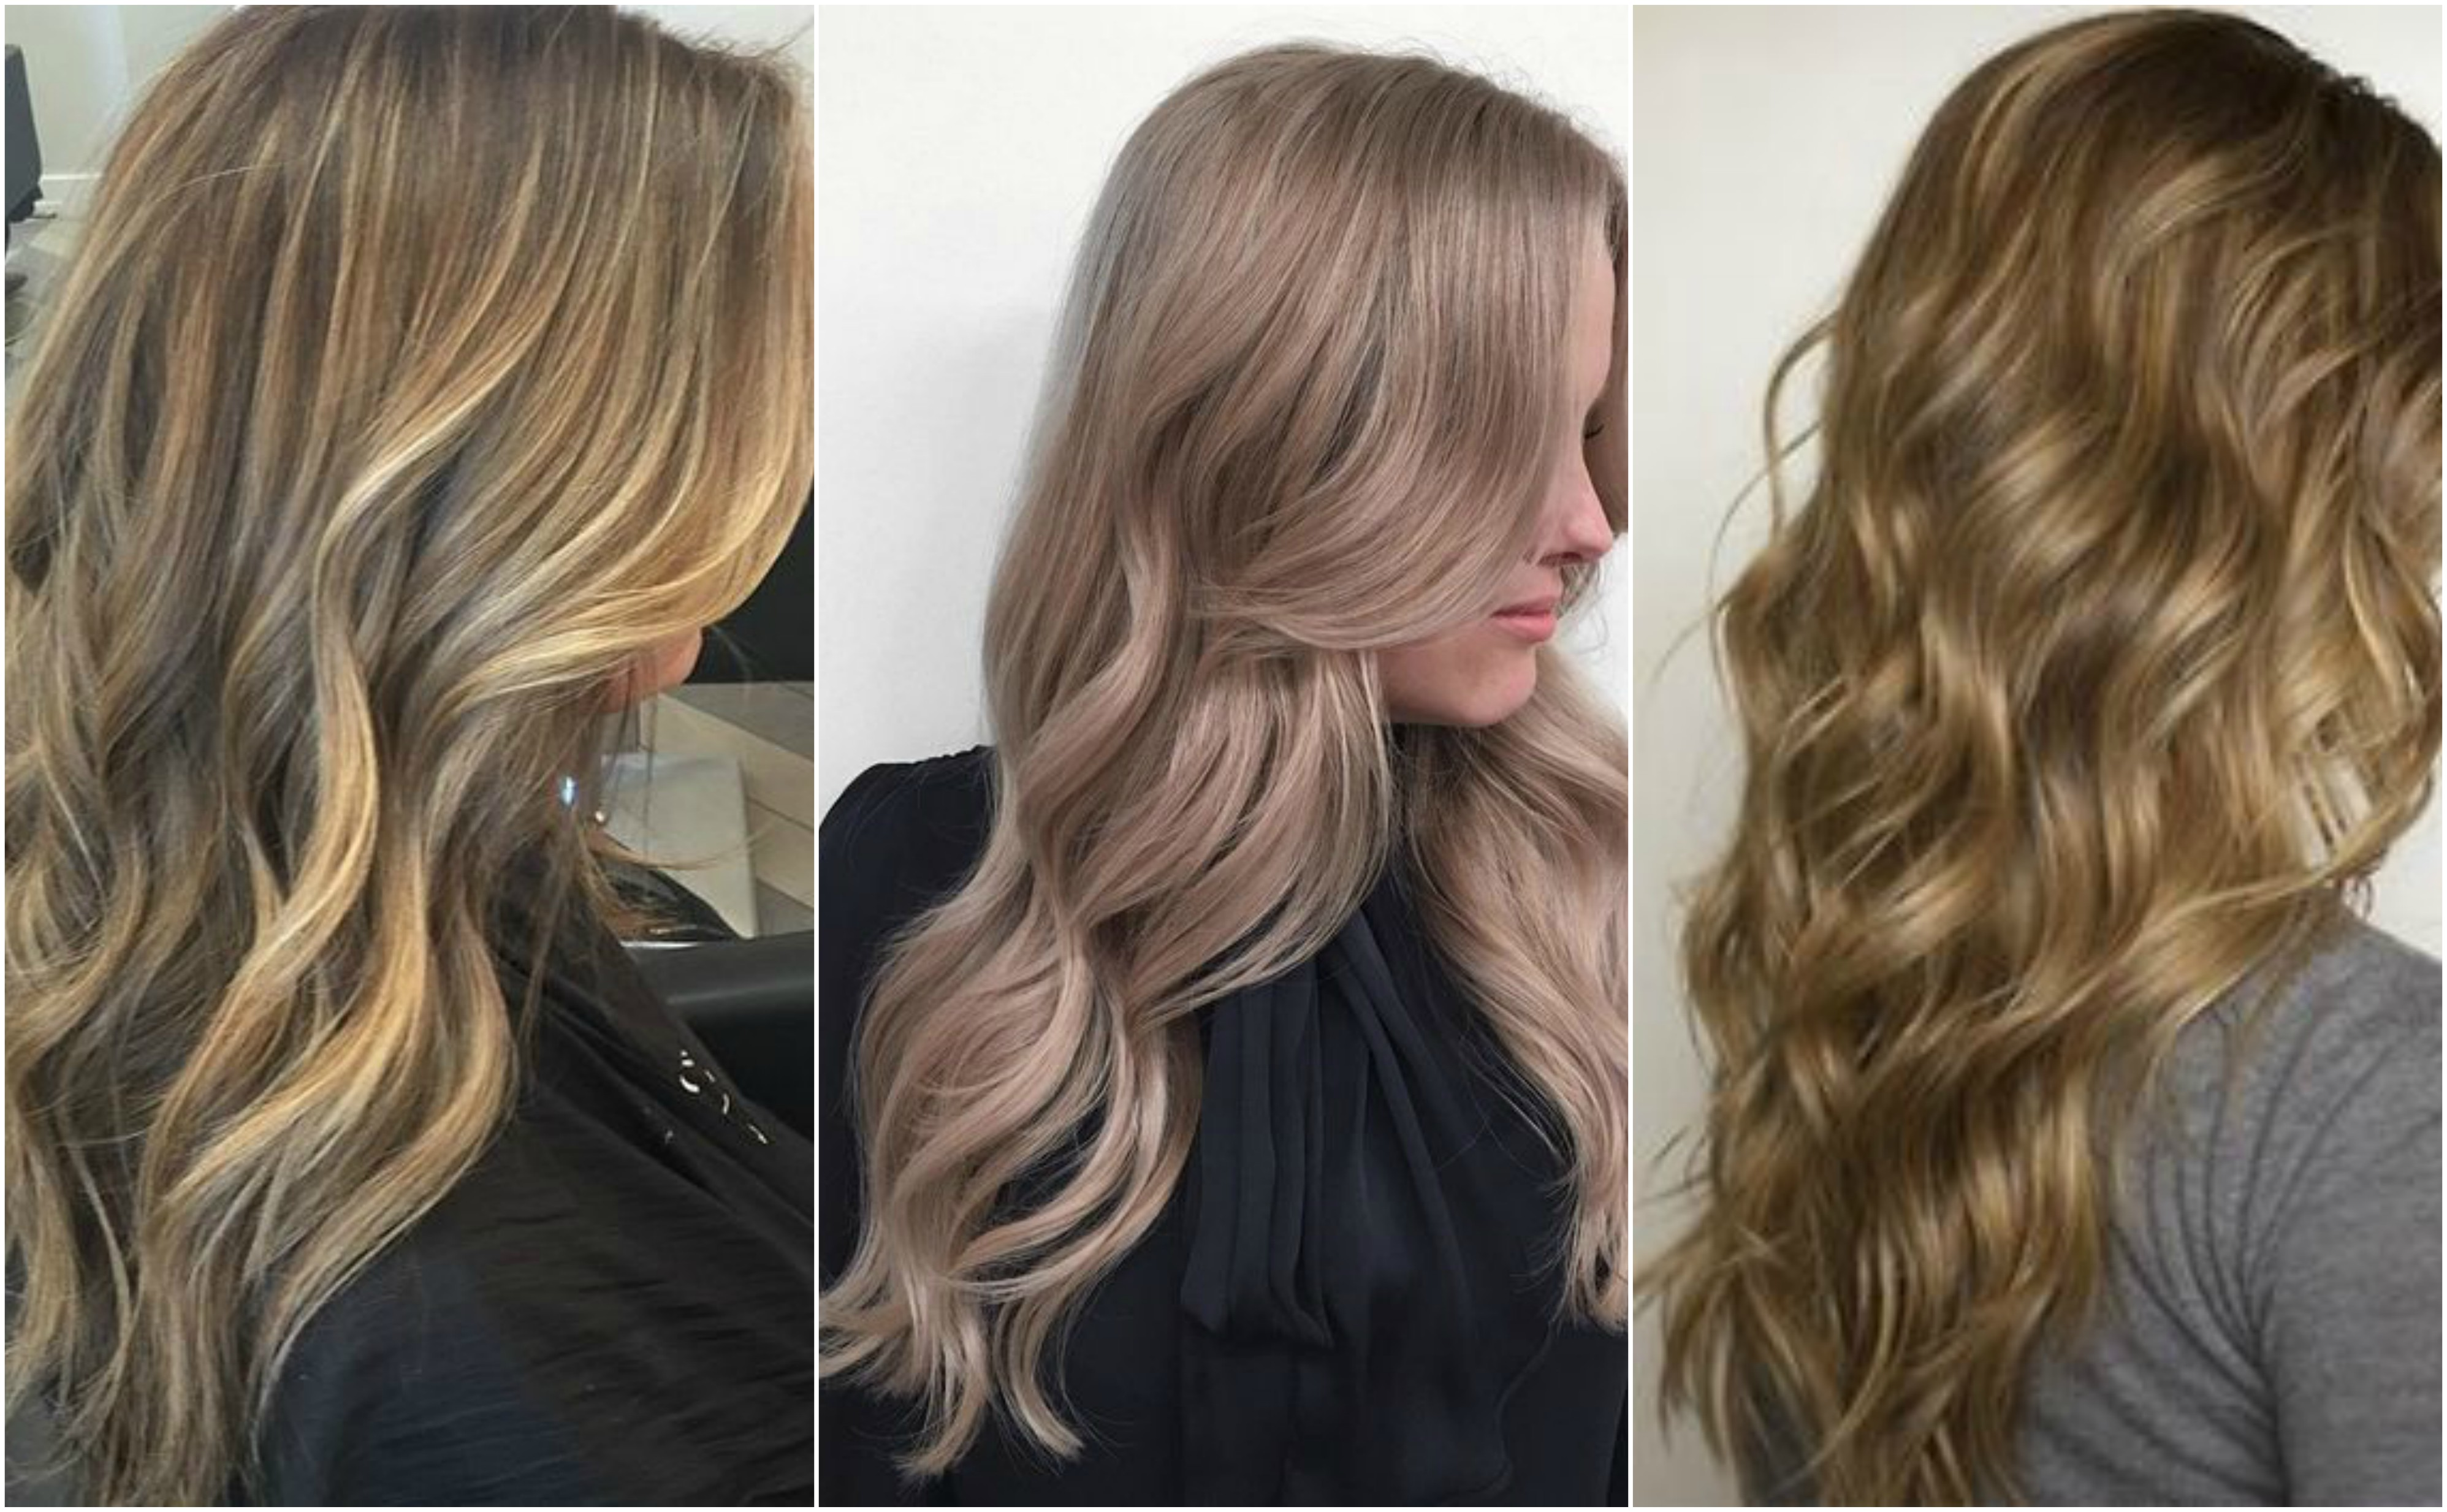 Top 10 dark blonde hair trends